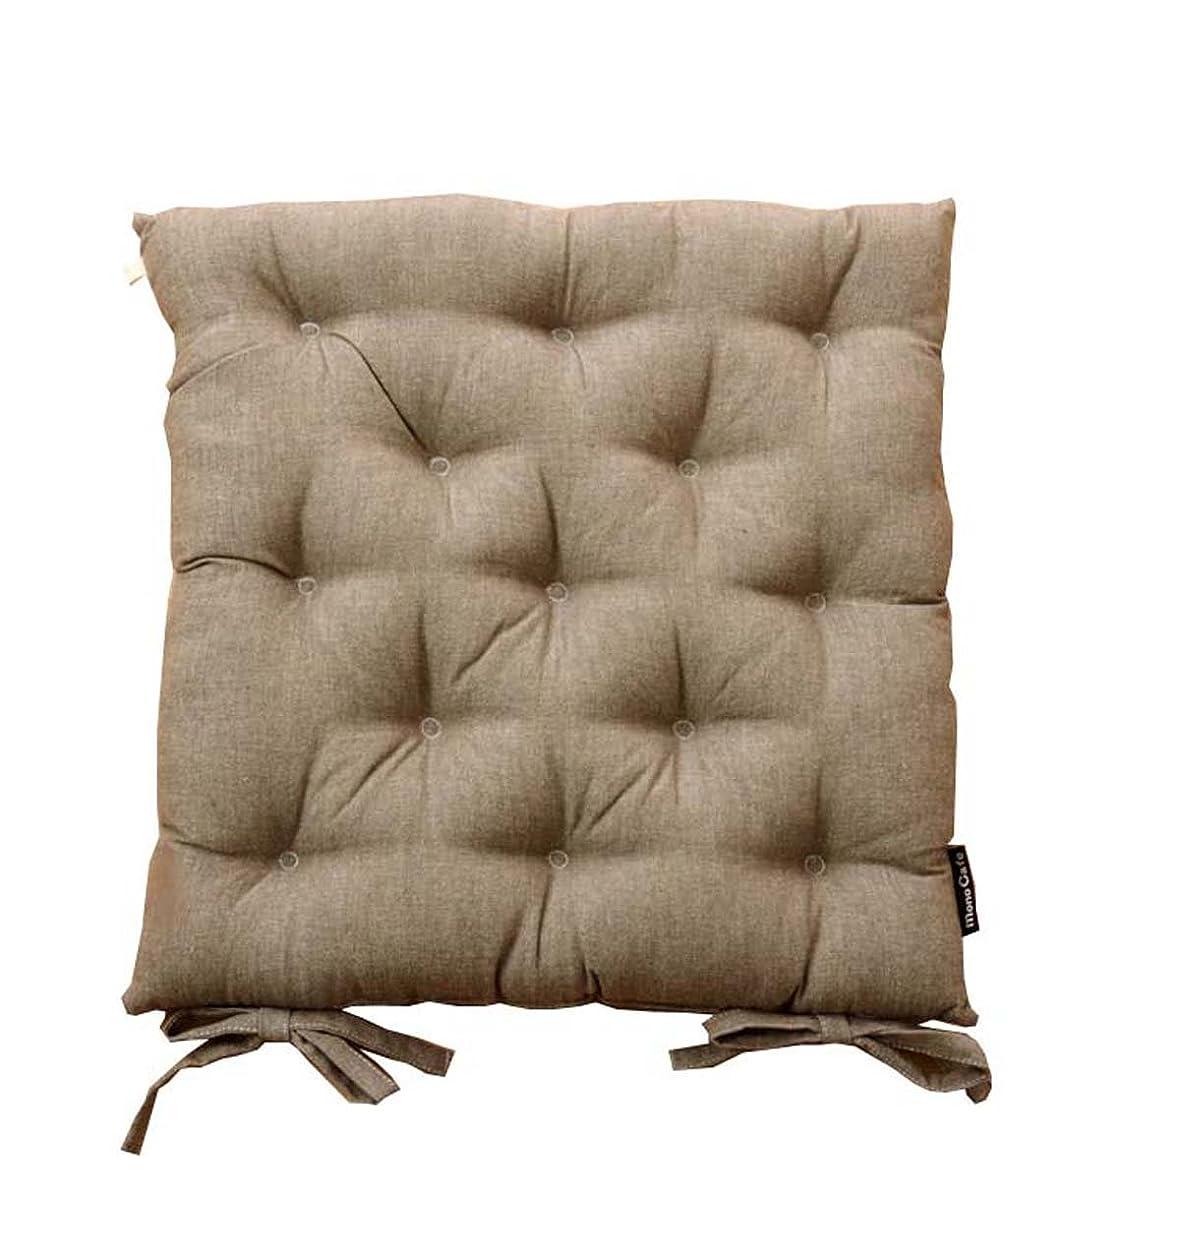 調査レンダリング汚れるイケヒコ?コーポレーション 座布団 ブラウン サイズ:約40×40cm 2P